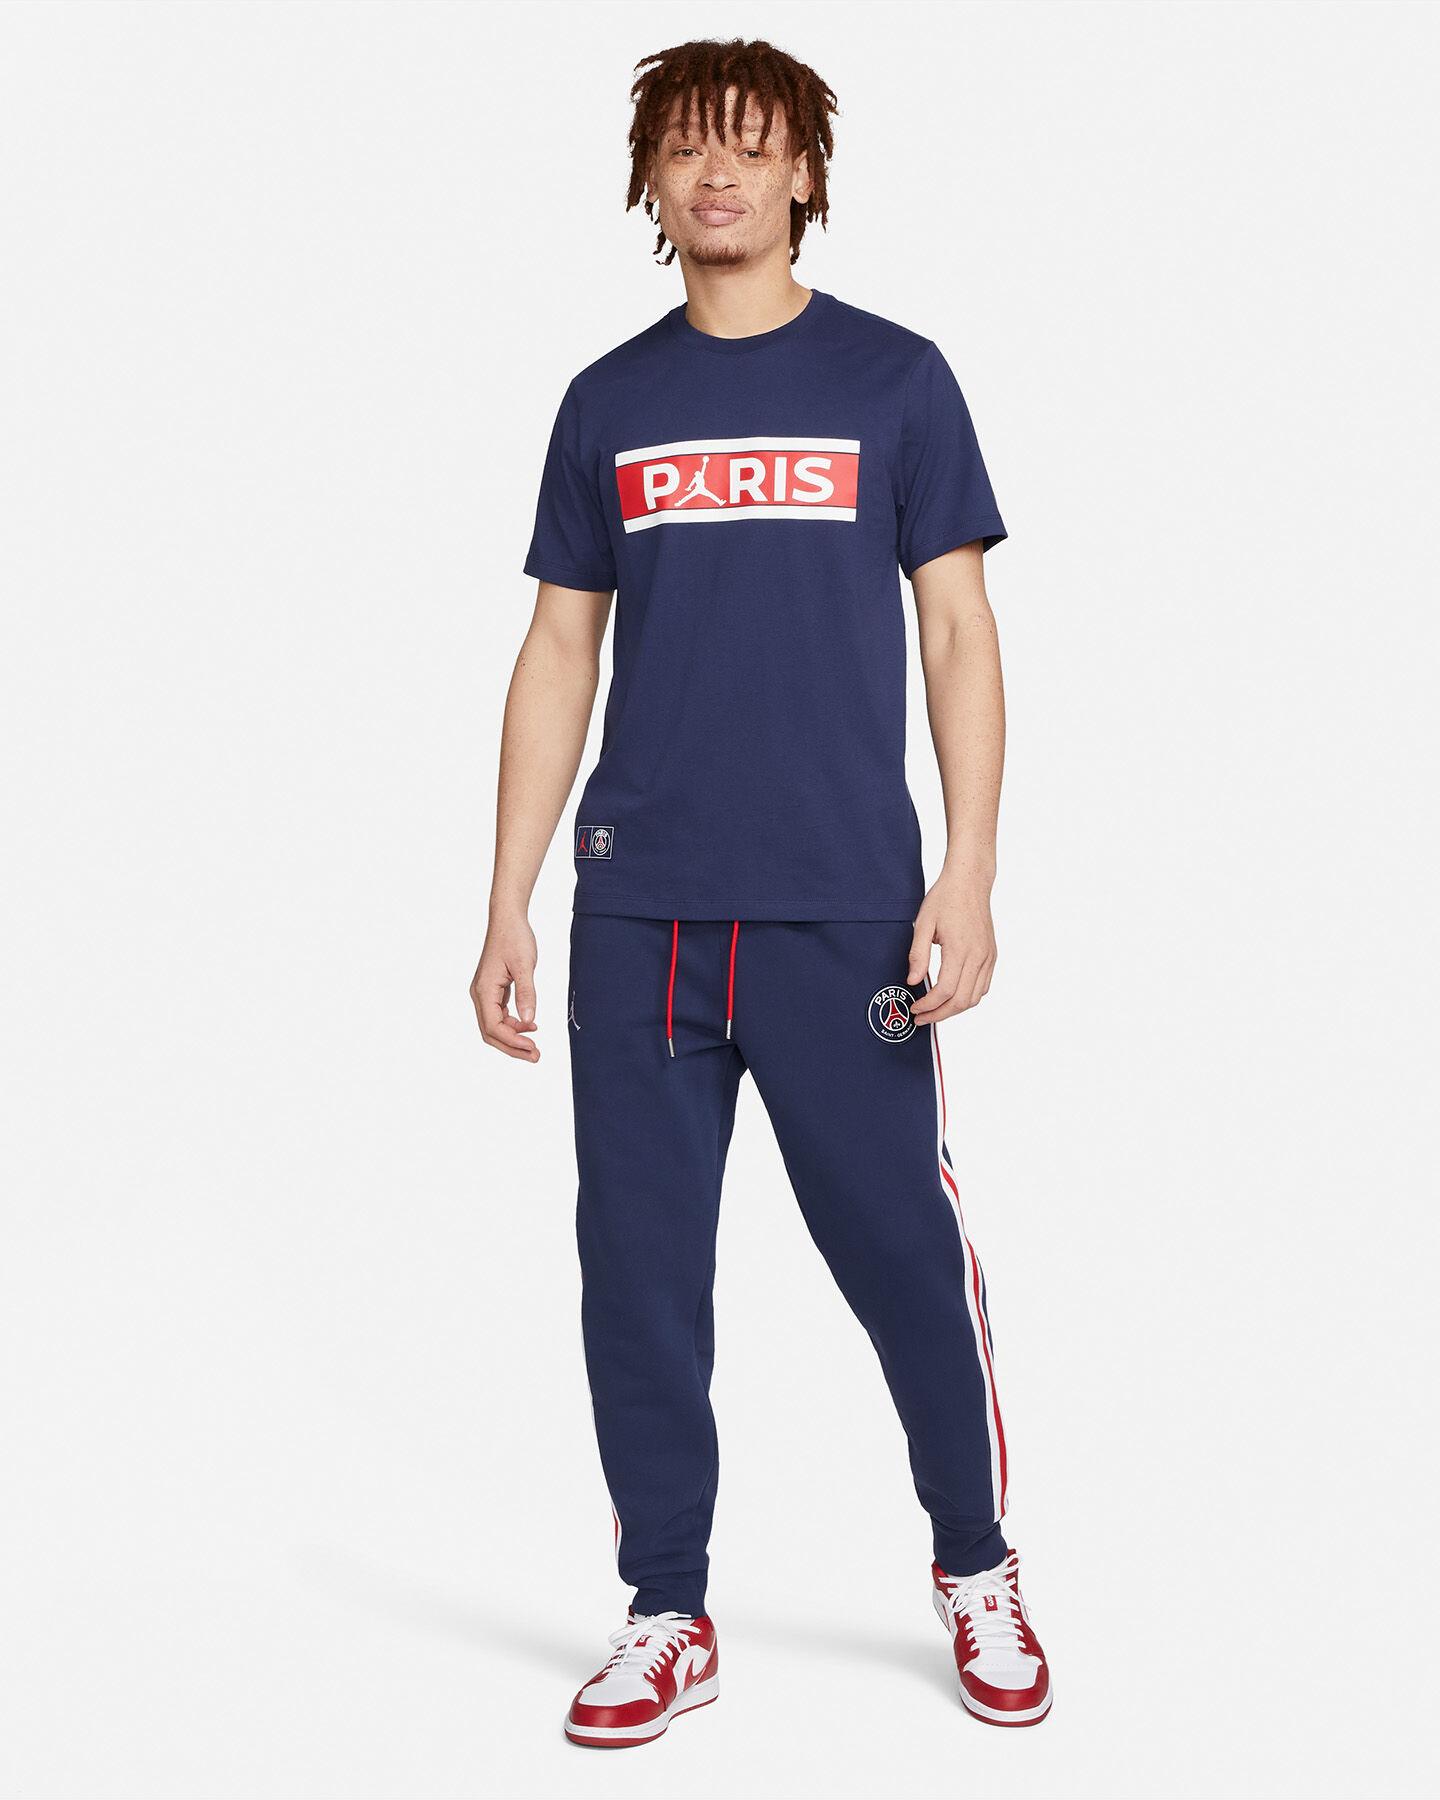 T-Shirt NIKE JORDAN PSG LOGO M S5301878 scatto 4